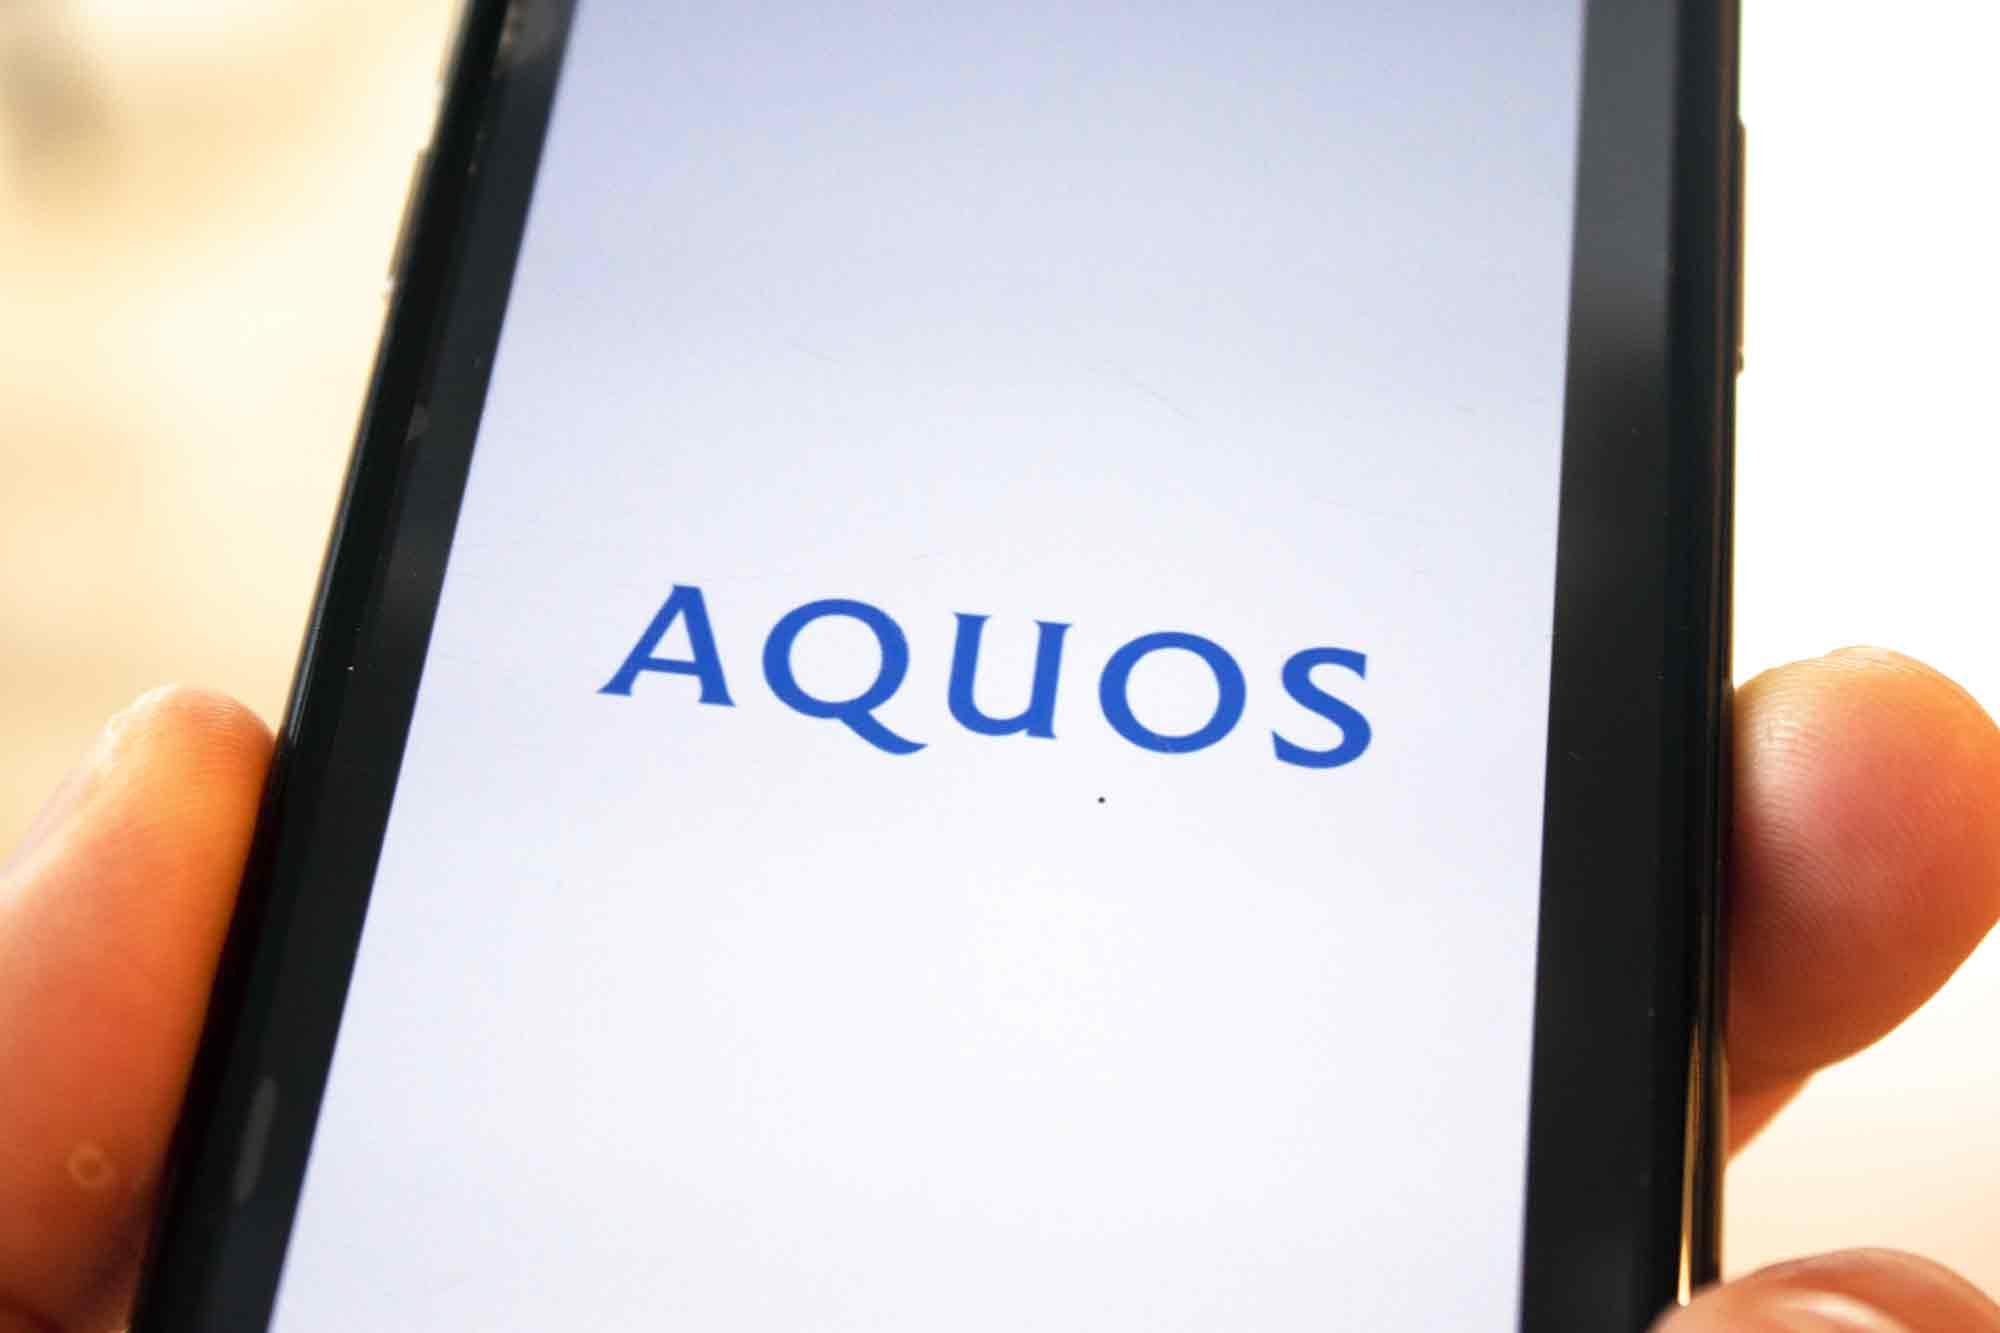 AQUOSリモート予約のアプリトップ画面